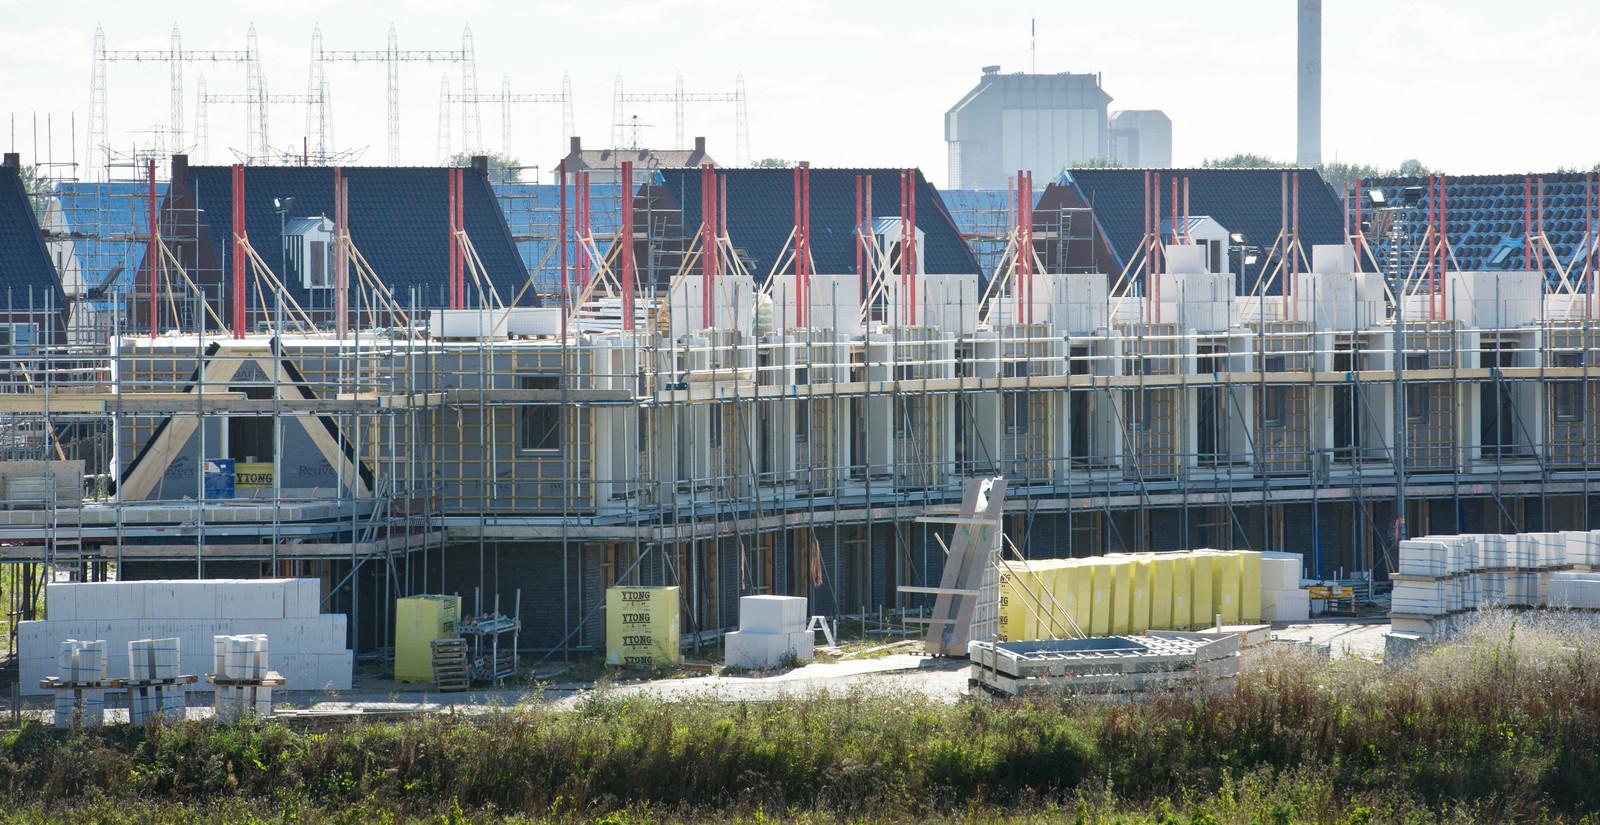 In de Grote Boel, onderdeel van de Waalsprong in Nijmegen, wordt flink gebouwd.